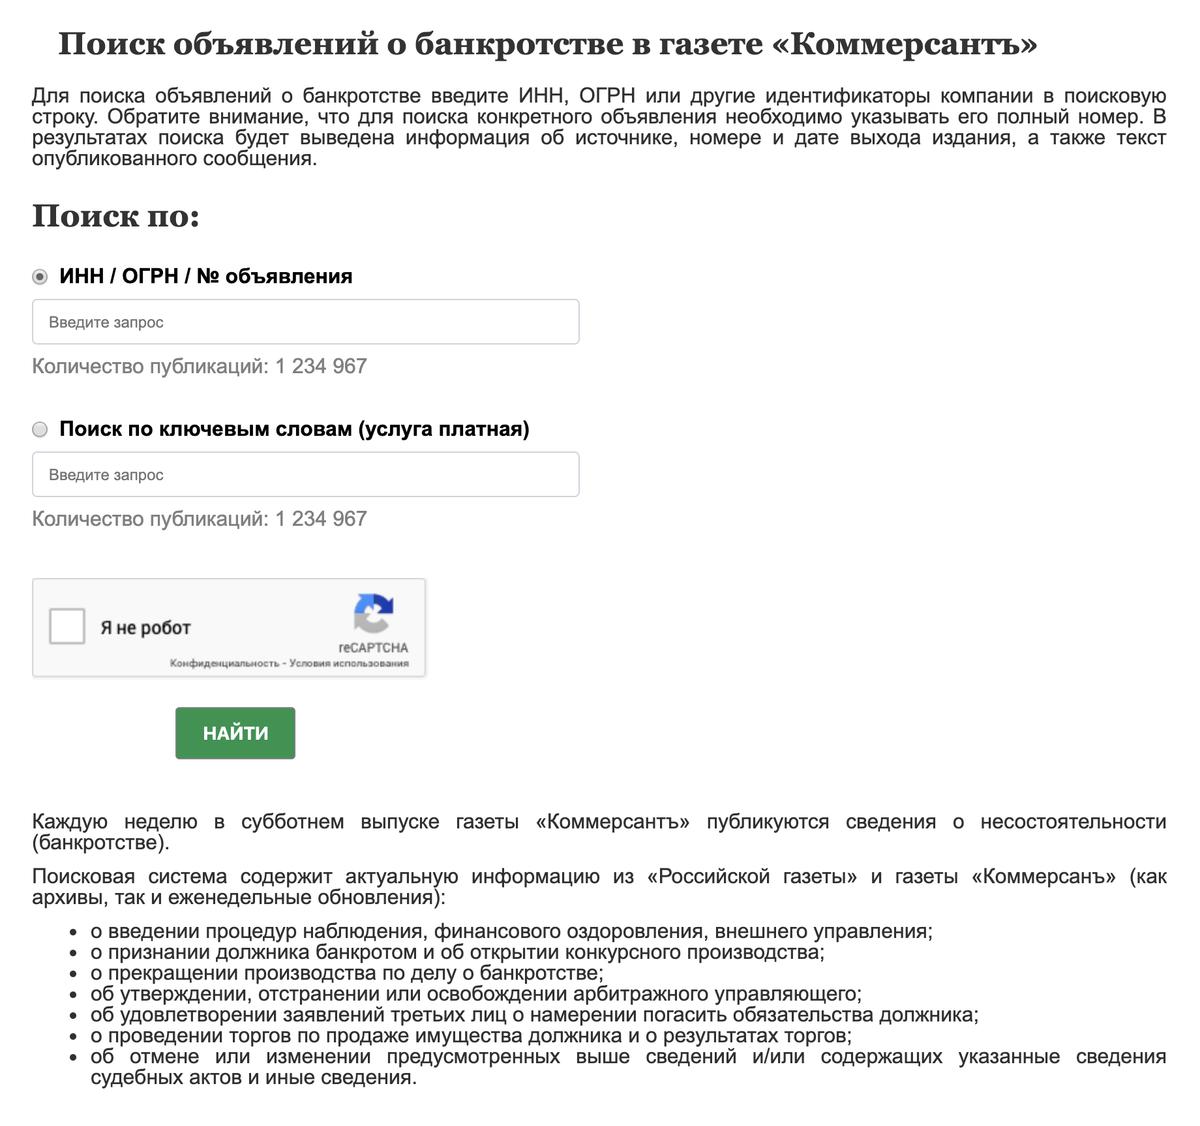 Дляпоиска информации о банкротстве введите название застройщика, его ИНН или ОГРН